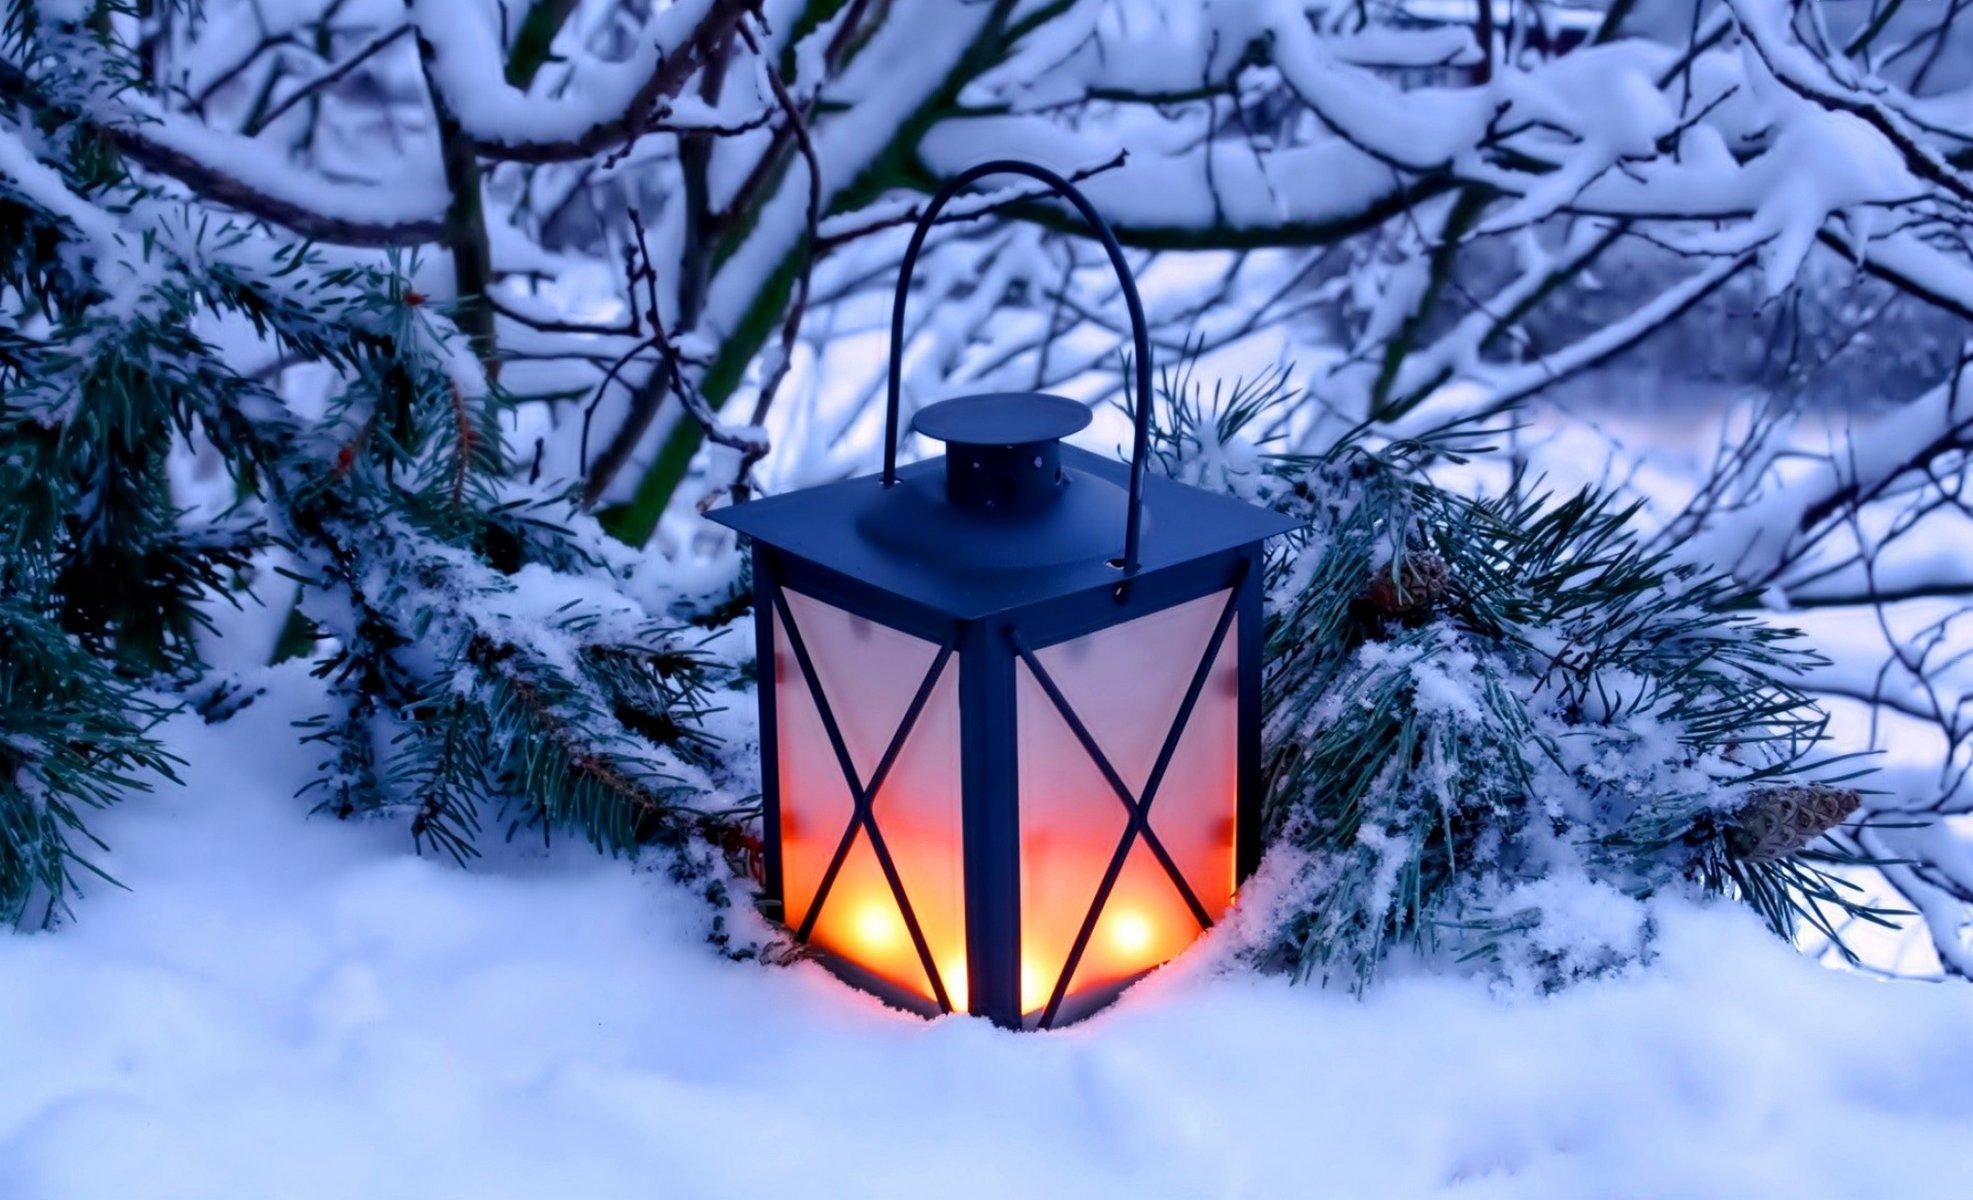 Картинки новогодние фонарики красивые